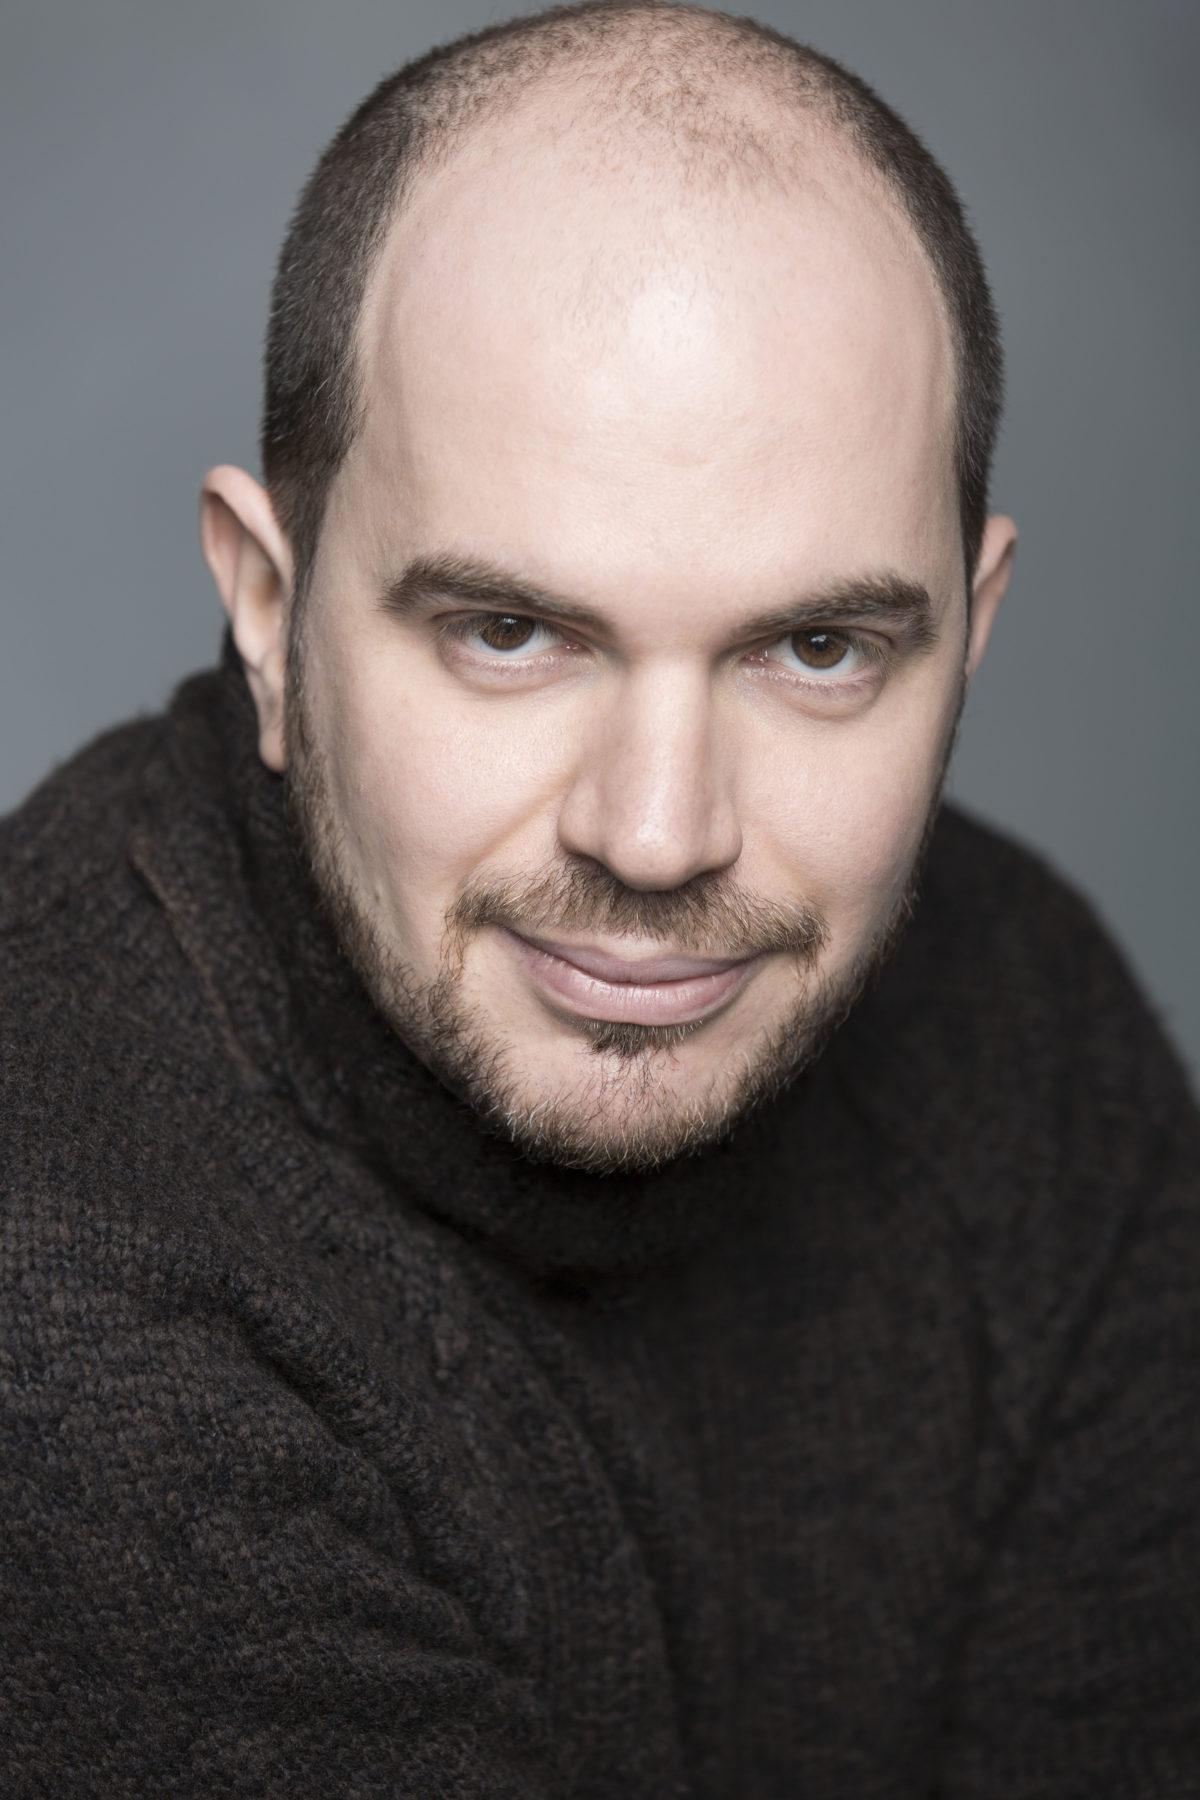 Kirill Gerstein, Semyon Bychkov, Münchner Philharmoniker, Tschaikowsky, Hector Berlioz,  Philharmonie im Gasteig München